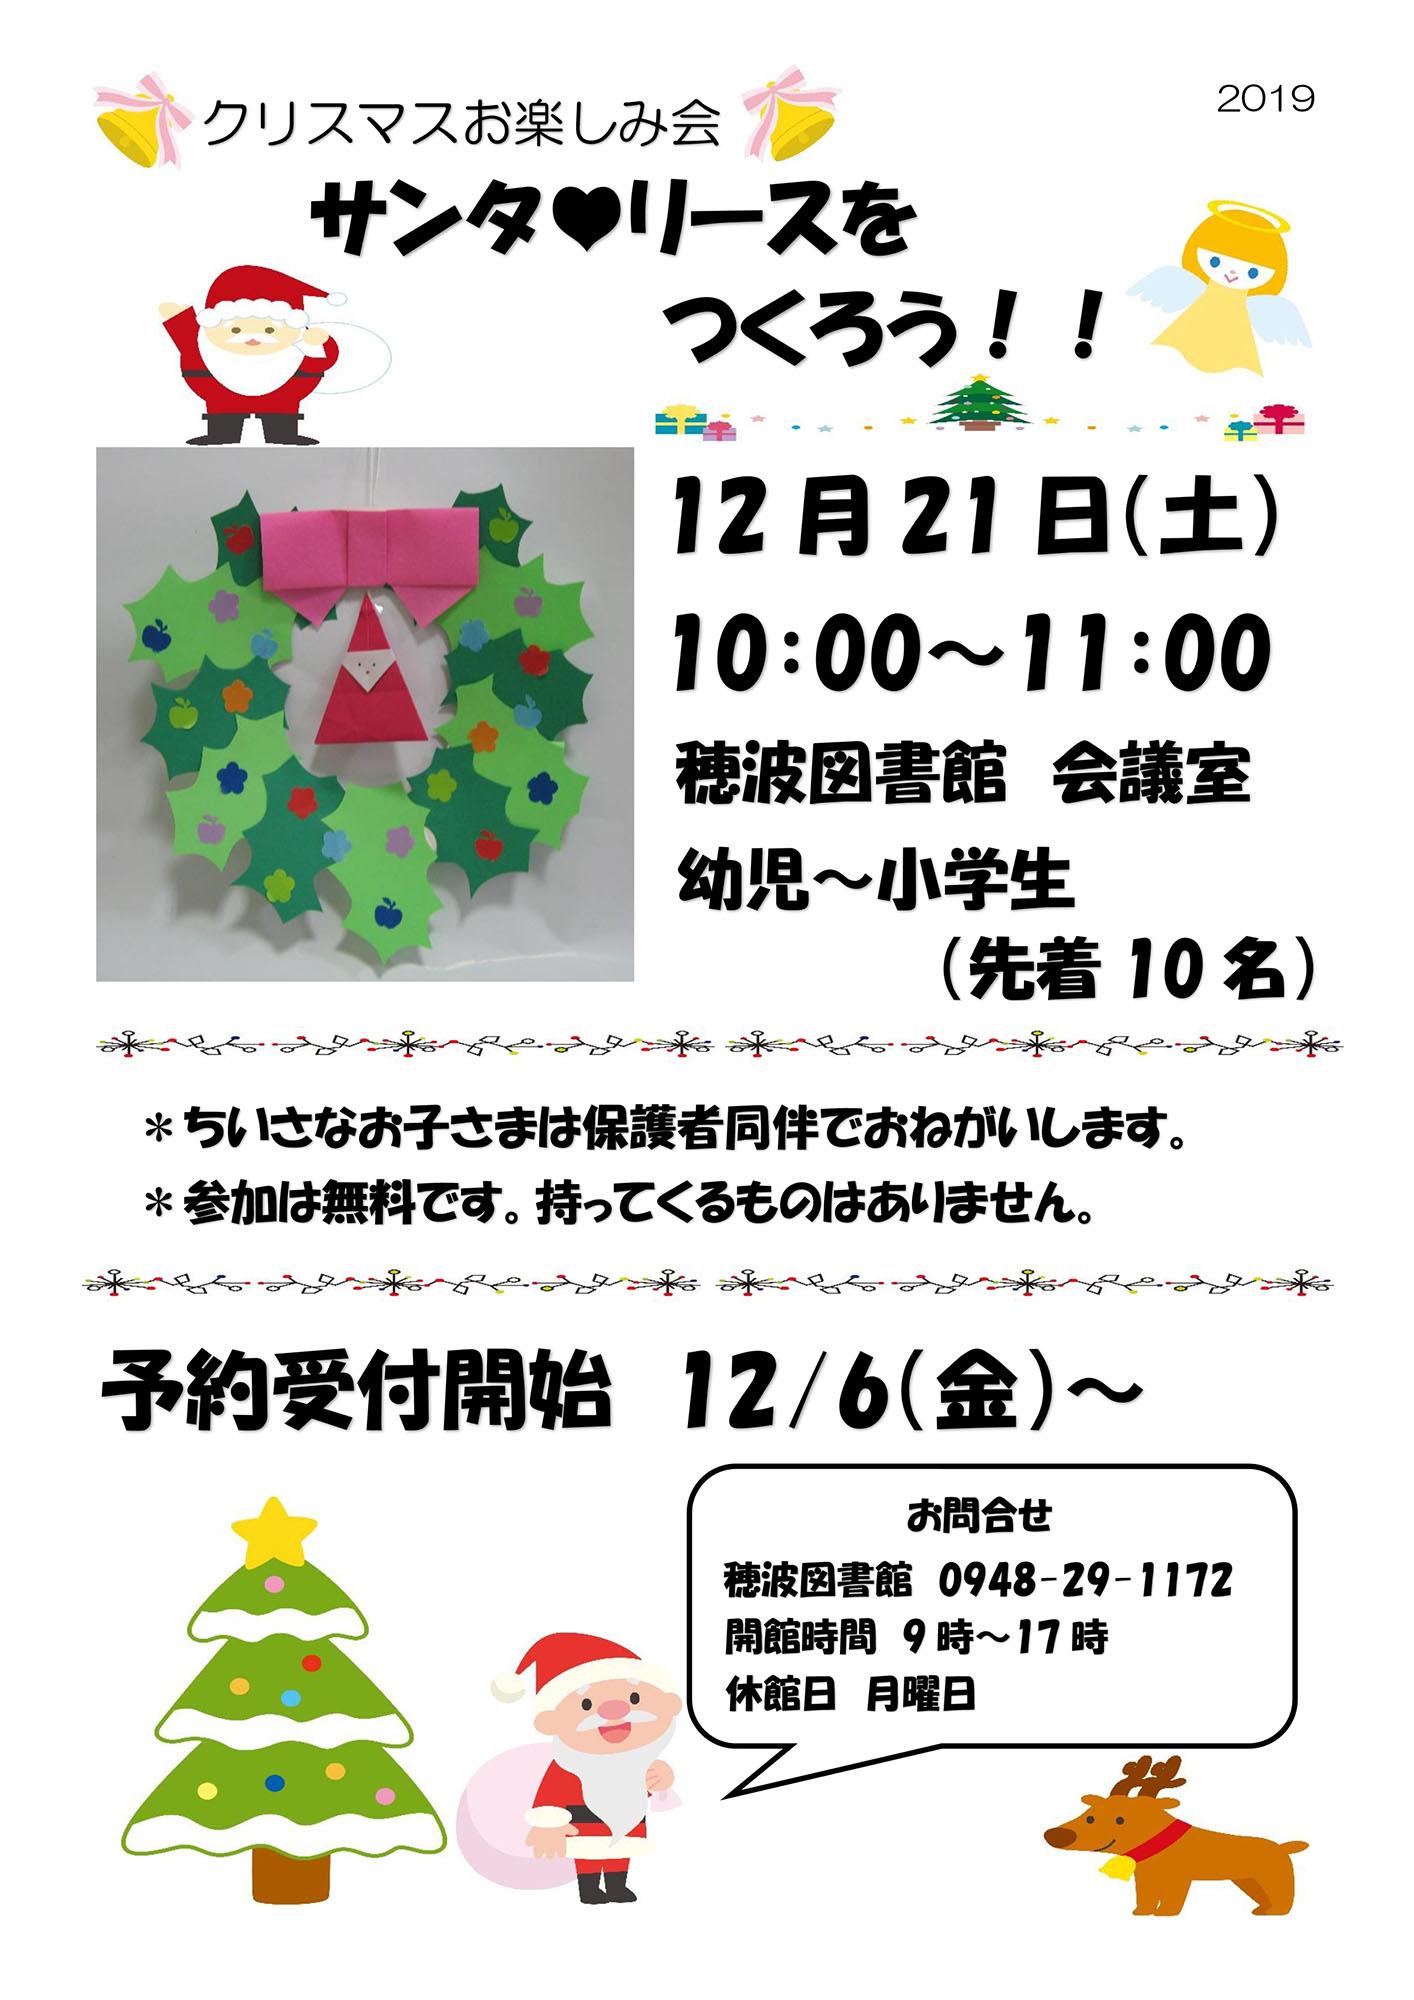 穂波図書館 クリスマスお楽しみ会